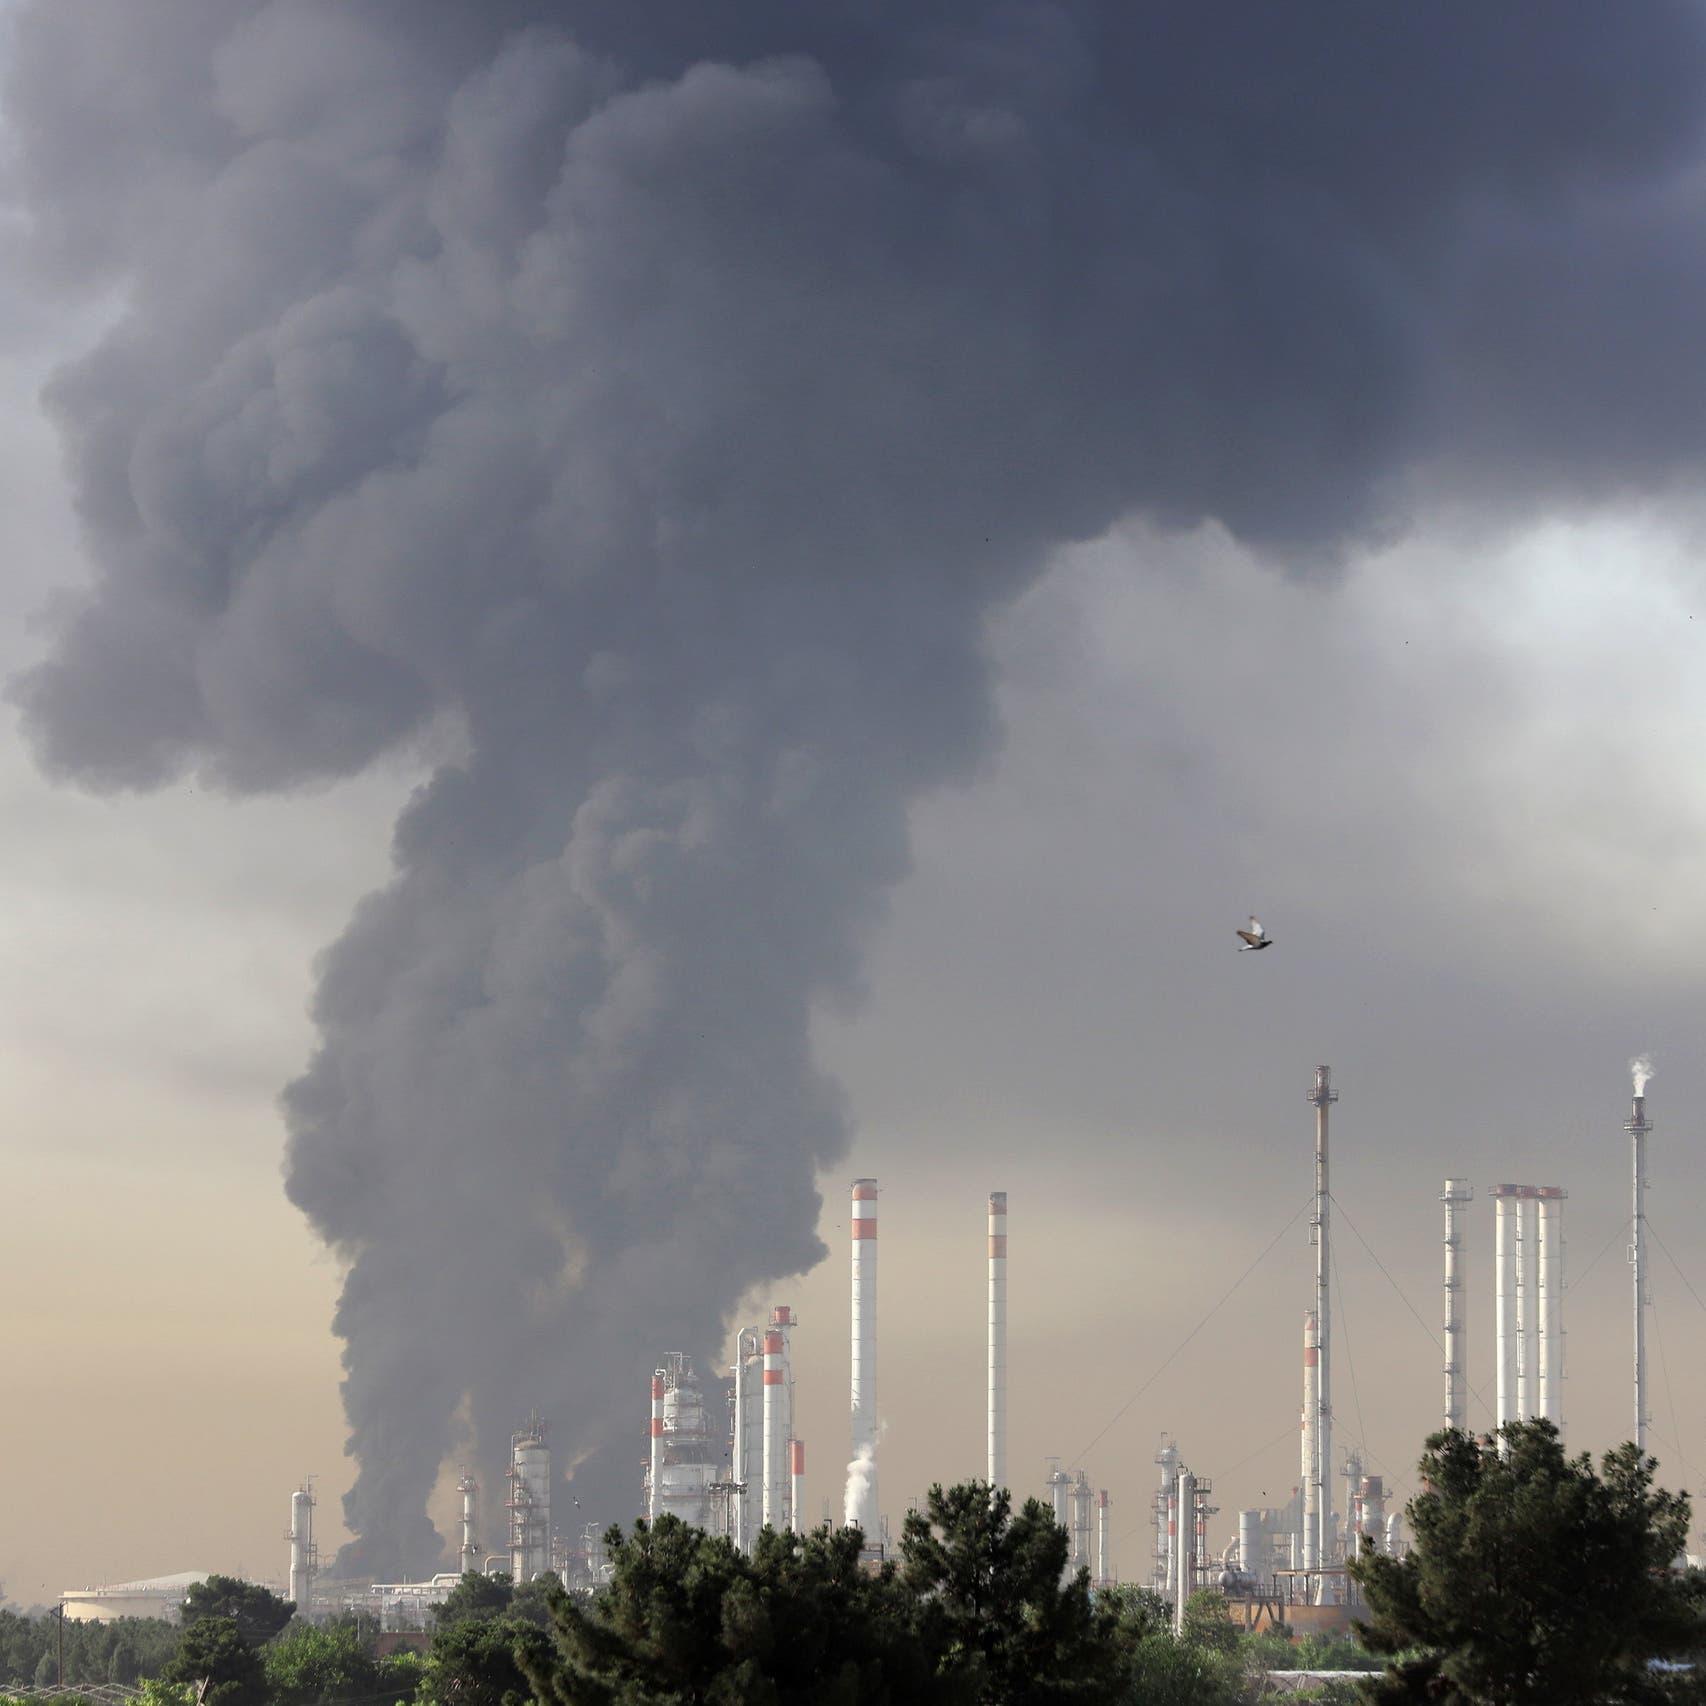 """للمرة الخامسة في أسبوعين.. النيران تلتهم منشآت إيرانية و""""لا شبهات تخريب"""""""